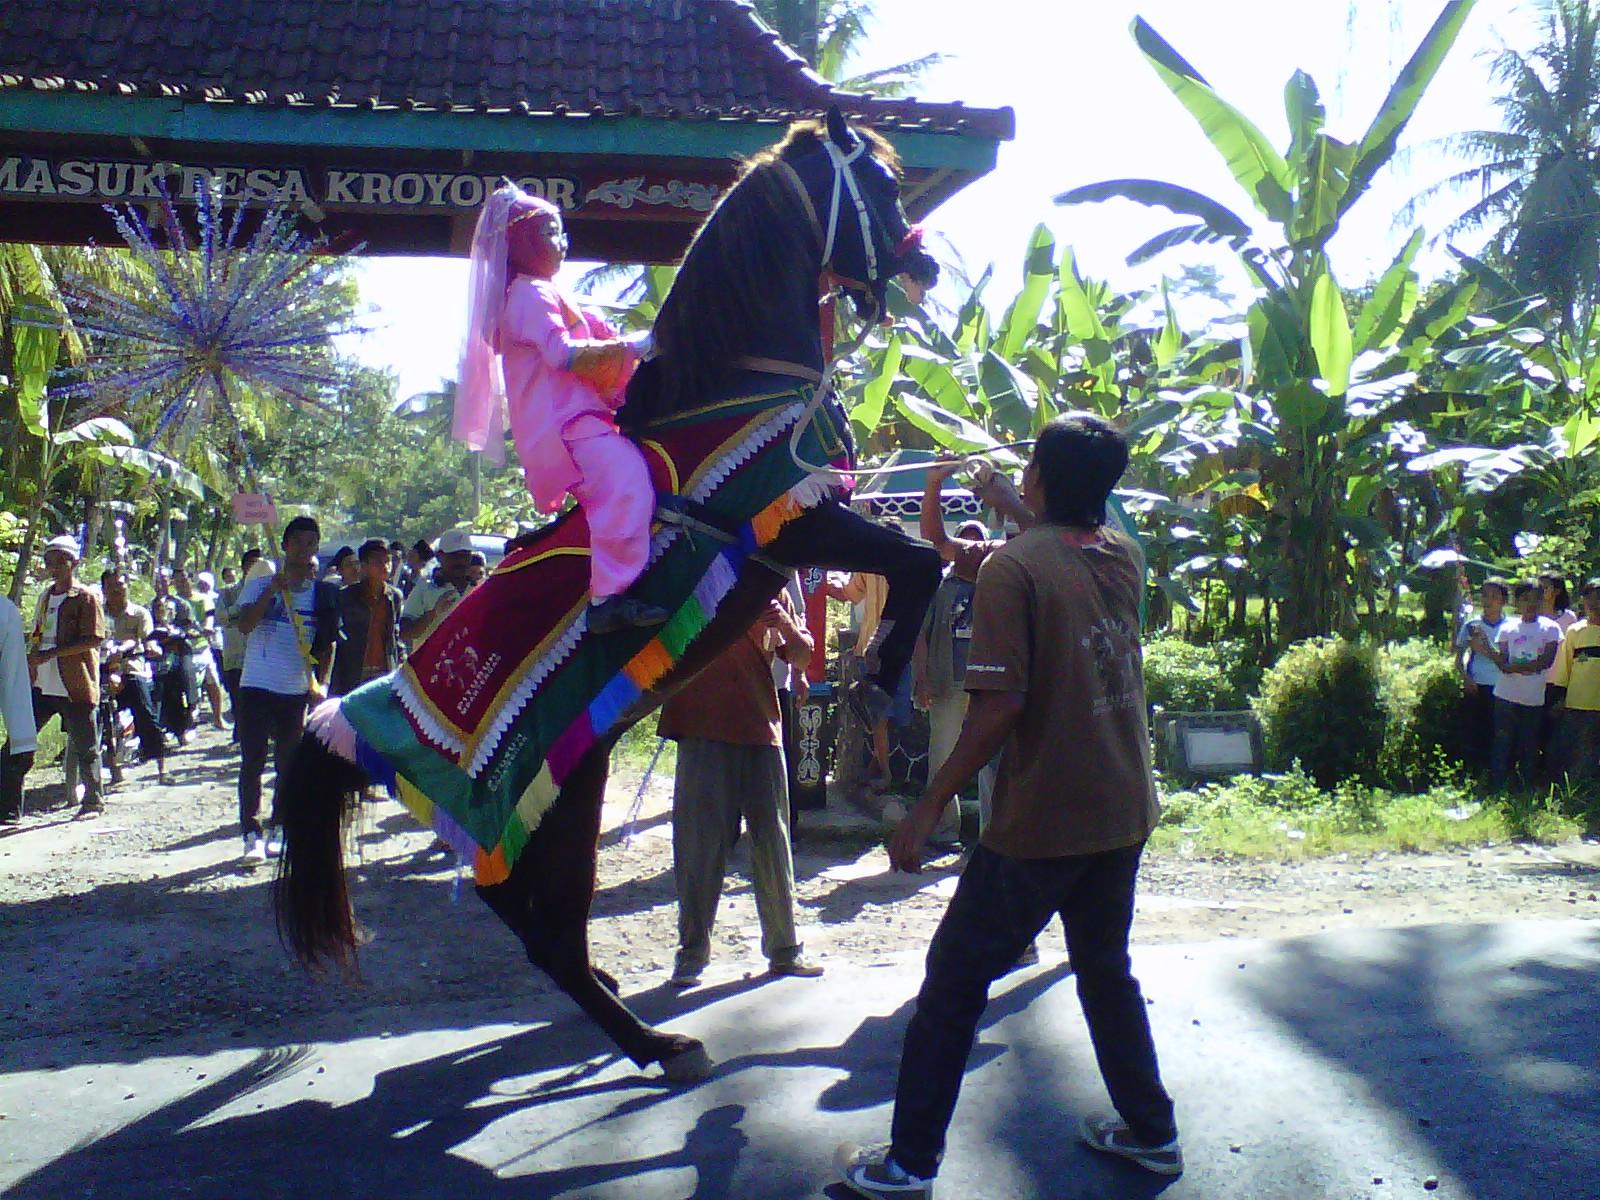 Ngabuburit unik di Purworejo, naik kuda jumping